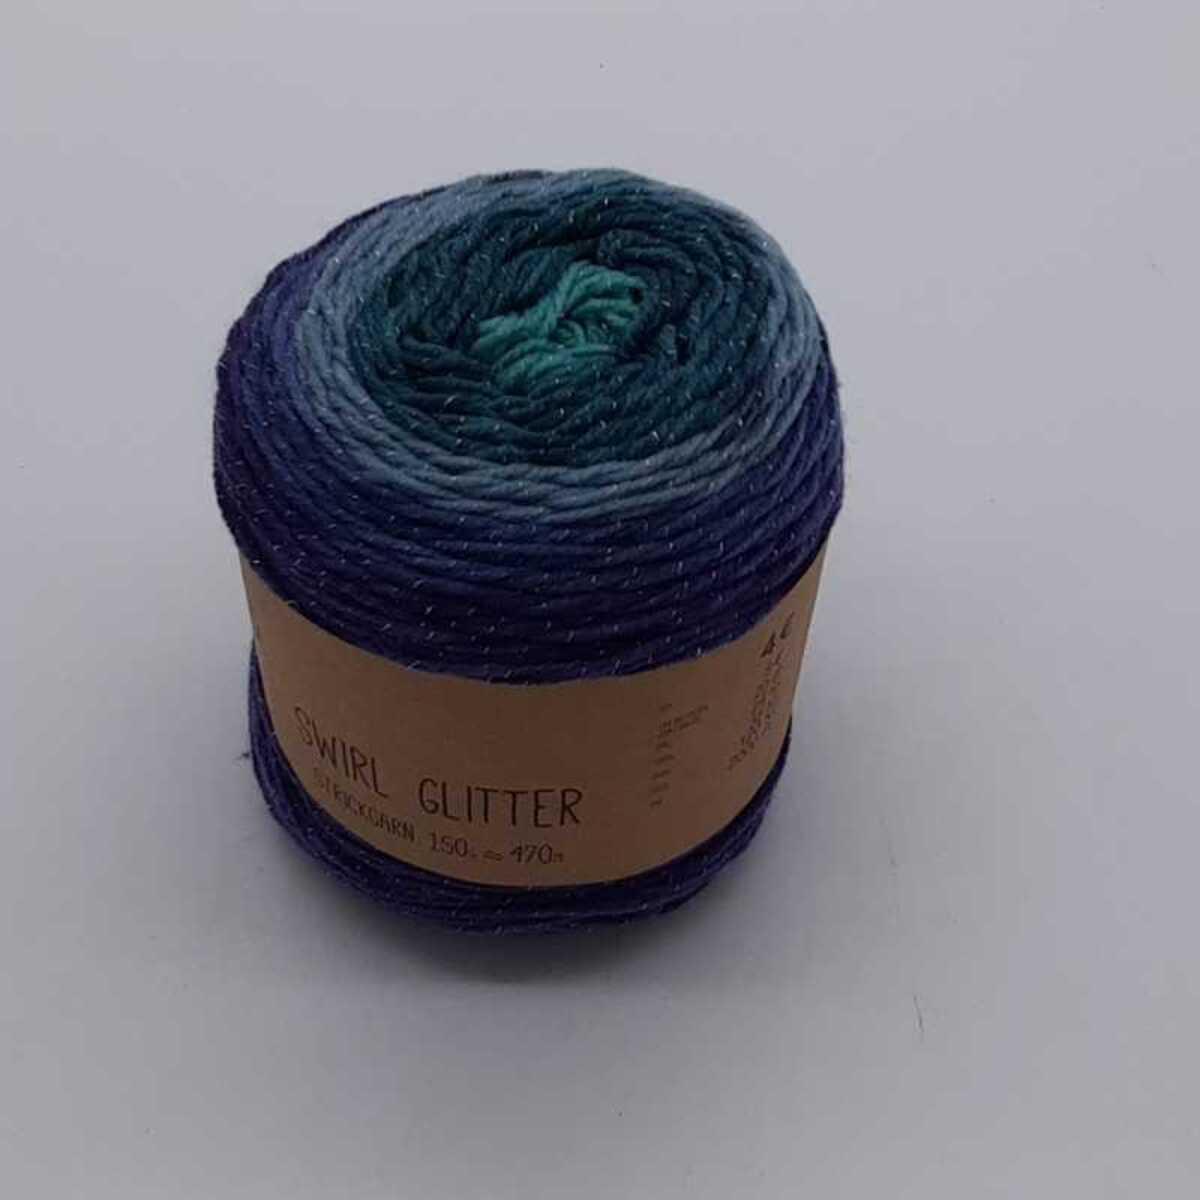 """Bild 5 von Strickgarn """"Swirl Glitter"""", ca. 780m, verschiedene Farben"""